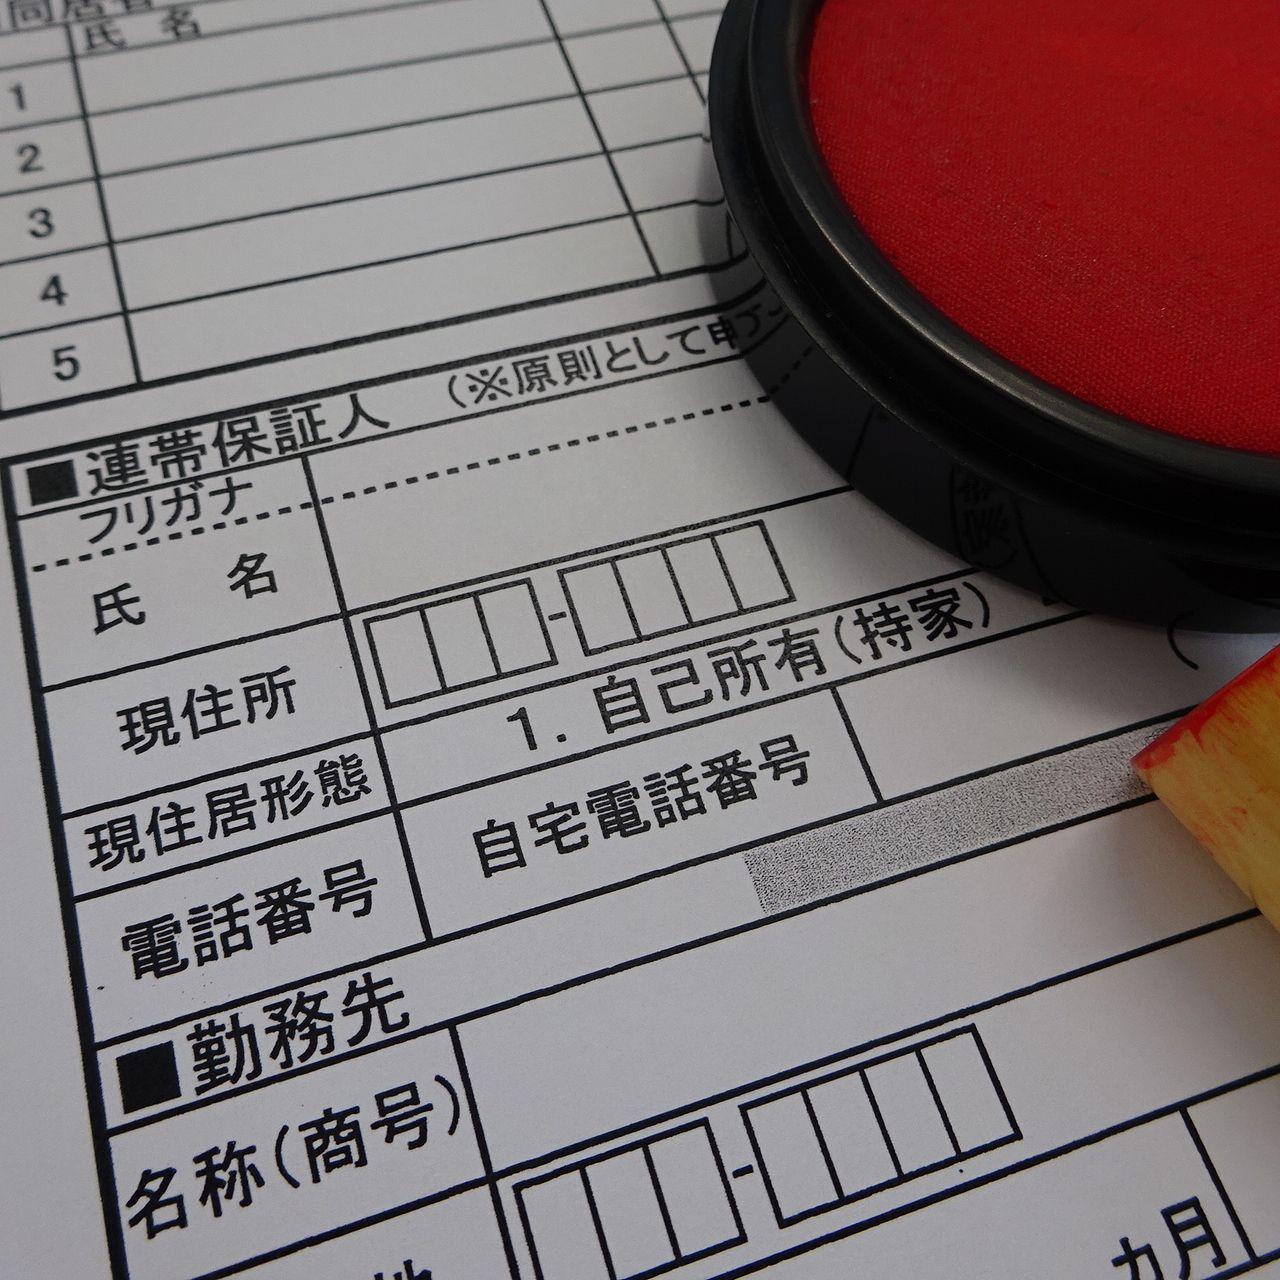 申込書に記載する連帯保証人